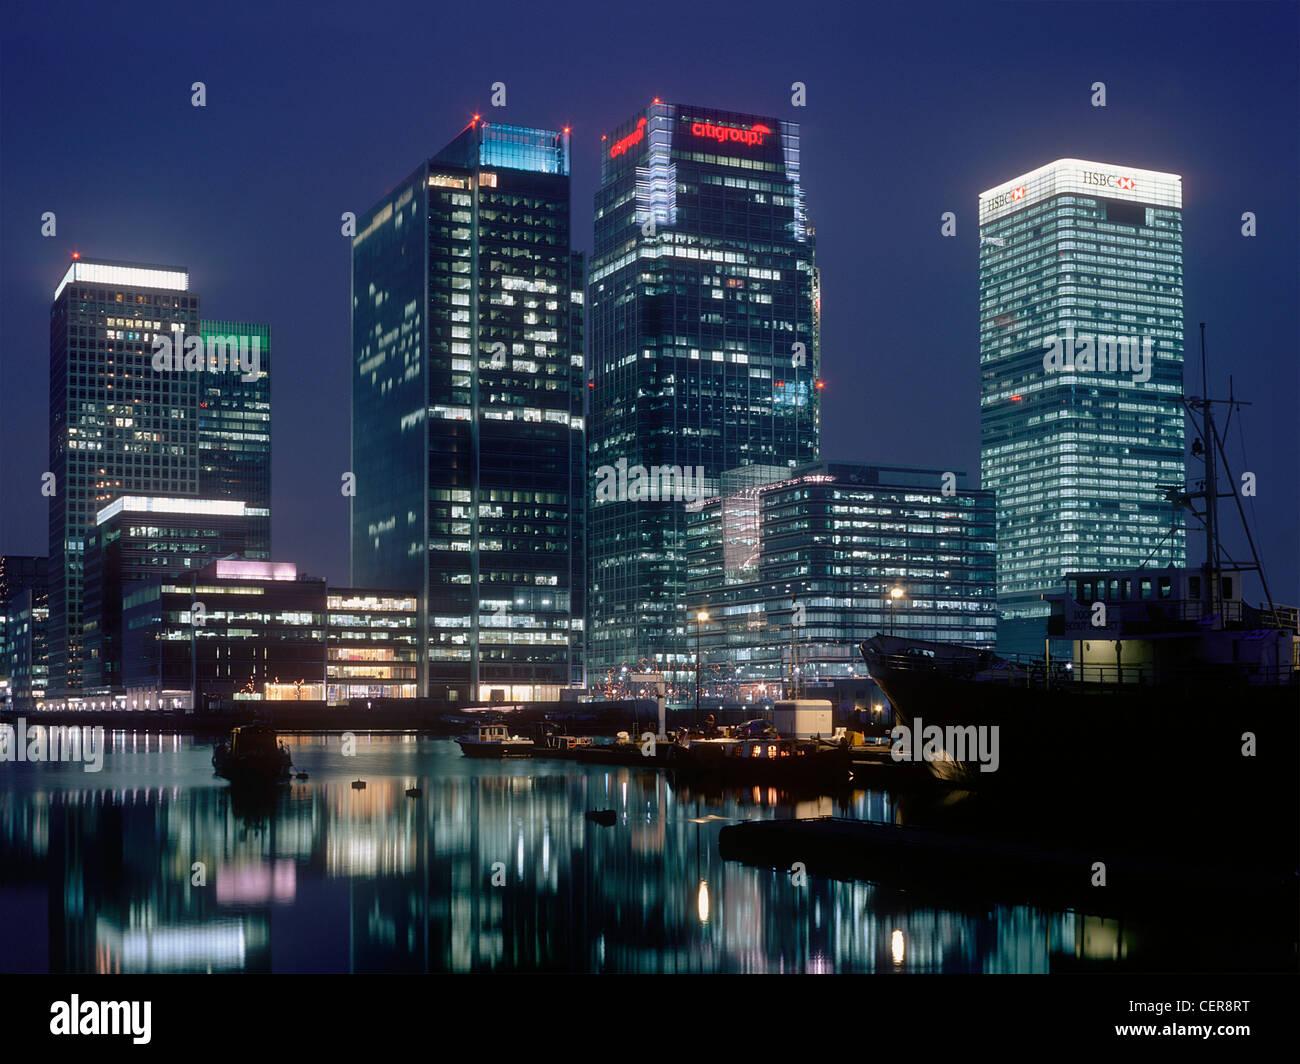 Bürohäuser spiegelt sich in den Gewässern der West India Docks in der Nacht. Canary Wharf ist Heimat Stockbild